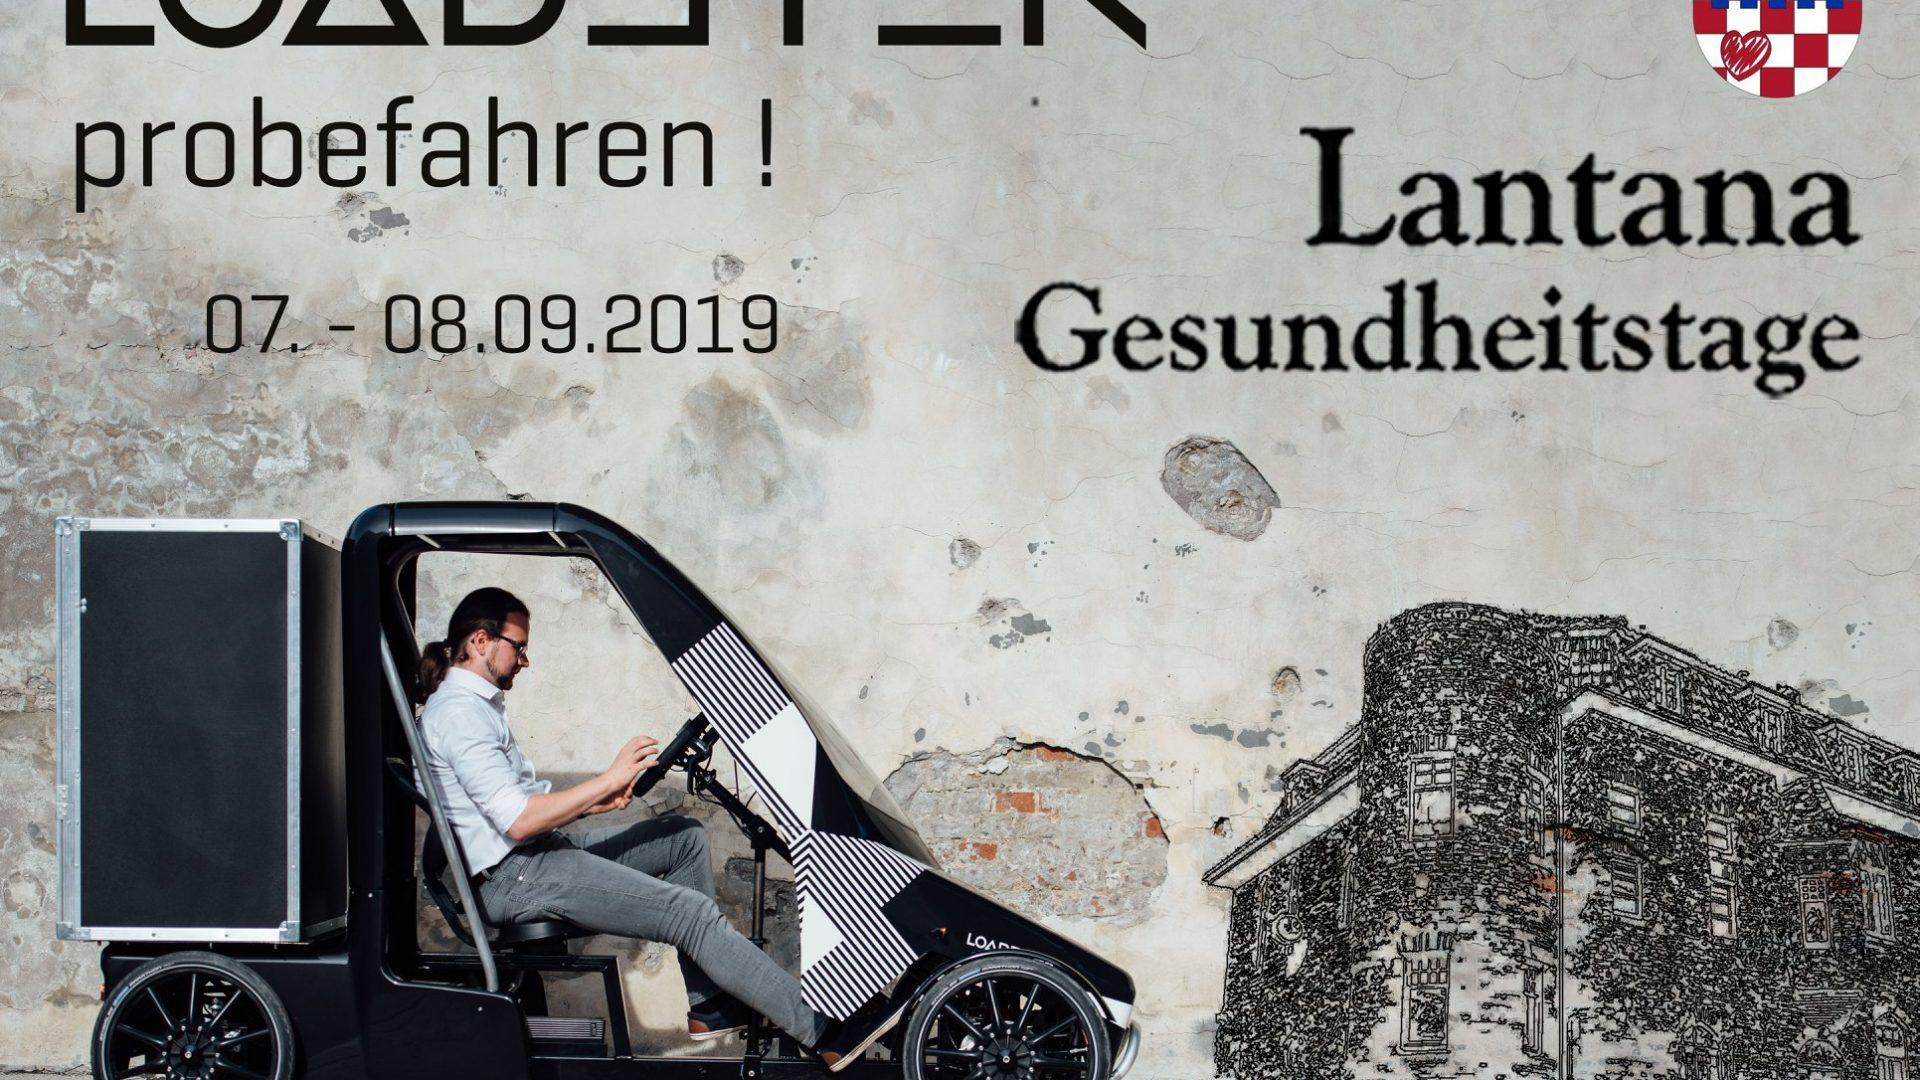 Unsere Gesundheitstage Lantana am 7. und 8.9.2019: Jonas Kremer